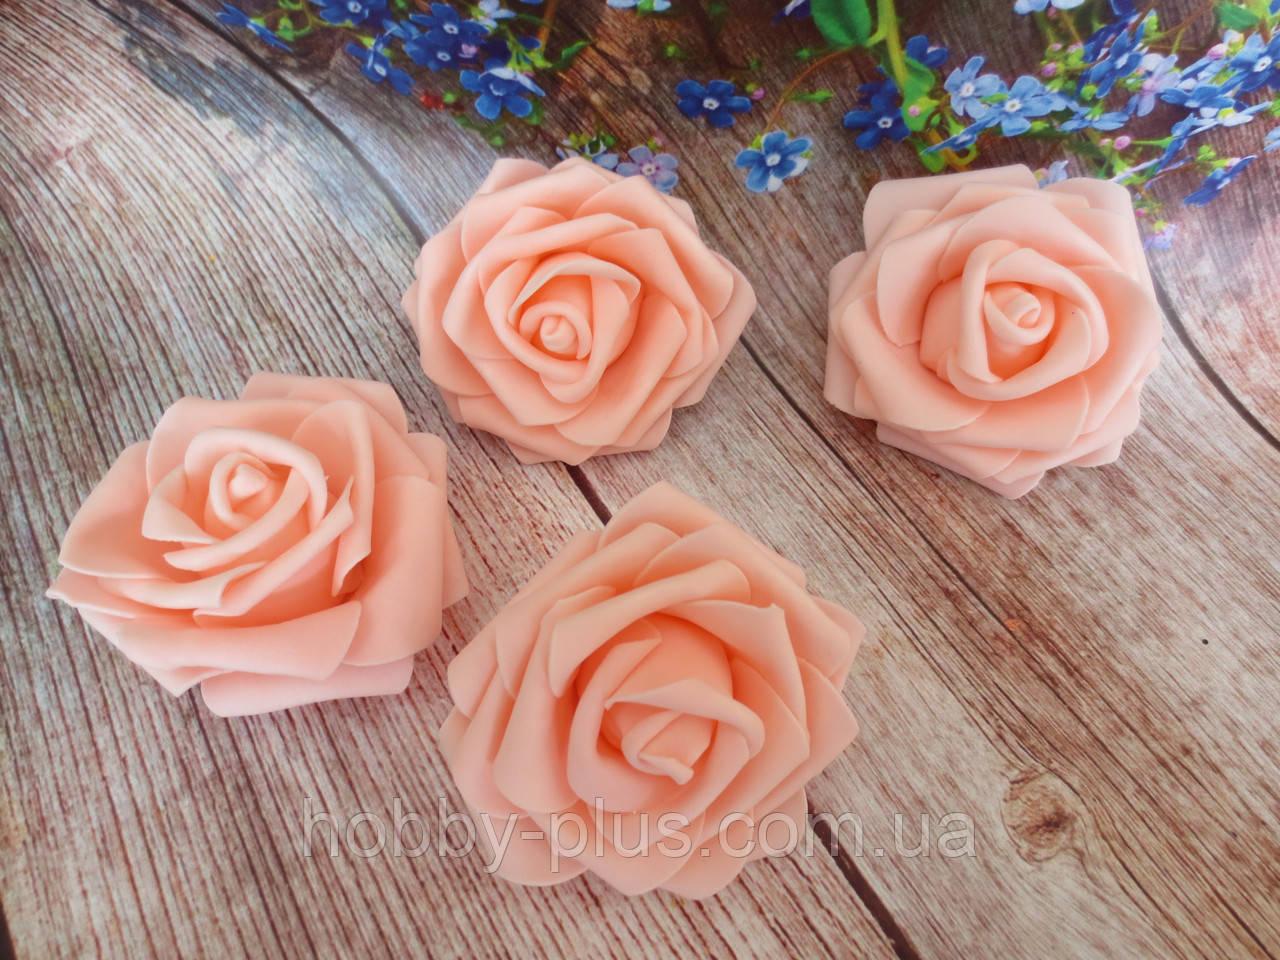 Роза из латекса, цвет персиковый, d 7 см